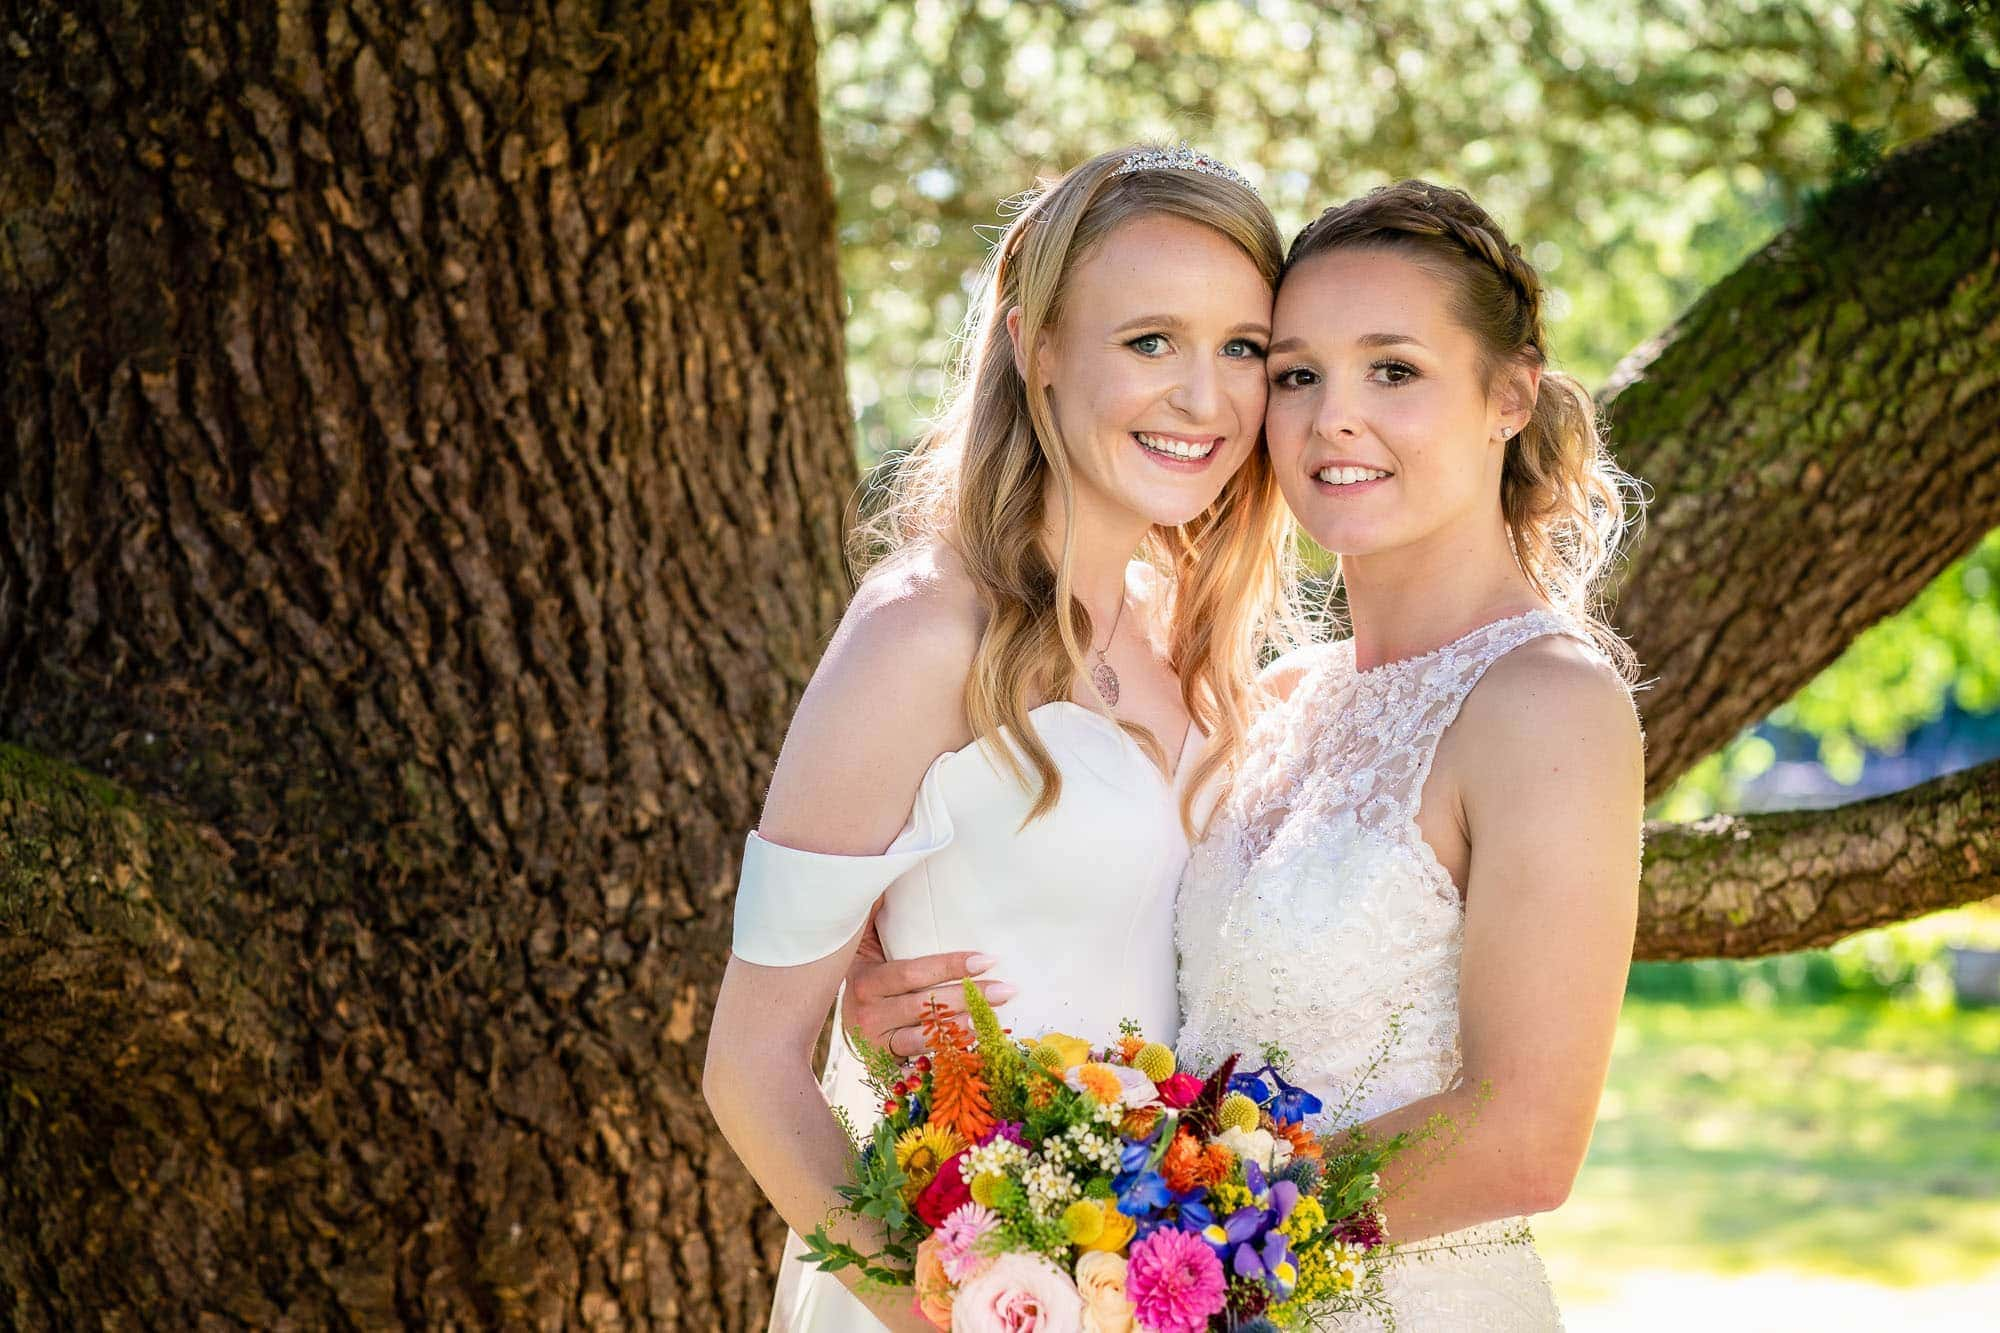 Norton Park Wedding Two Brides 76 0080